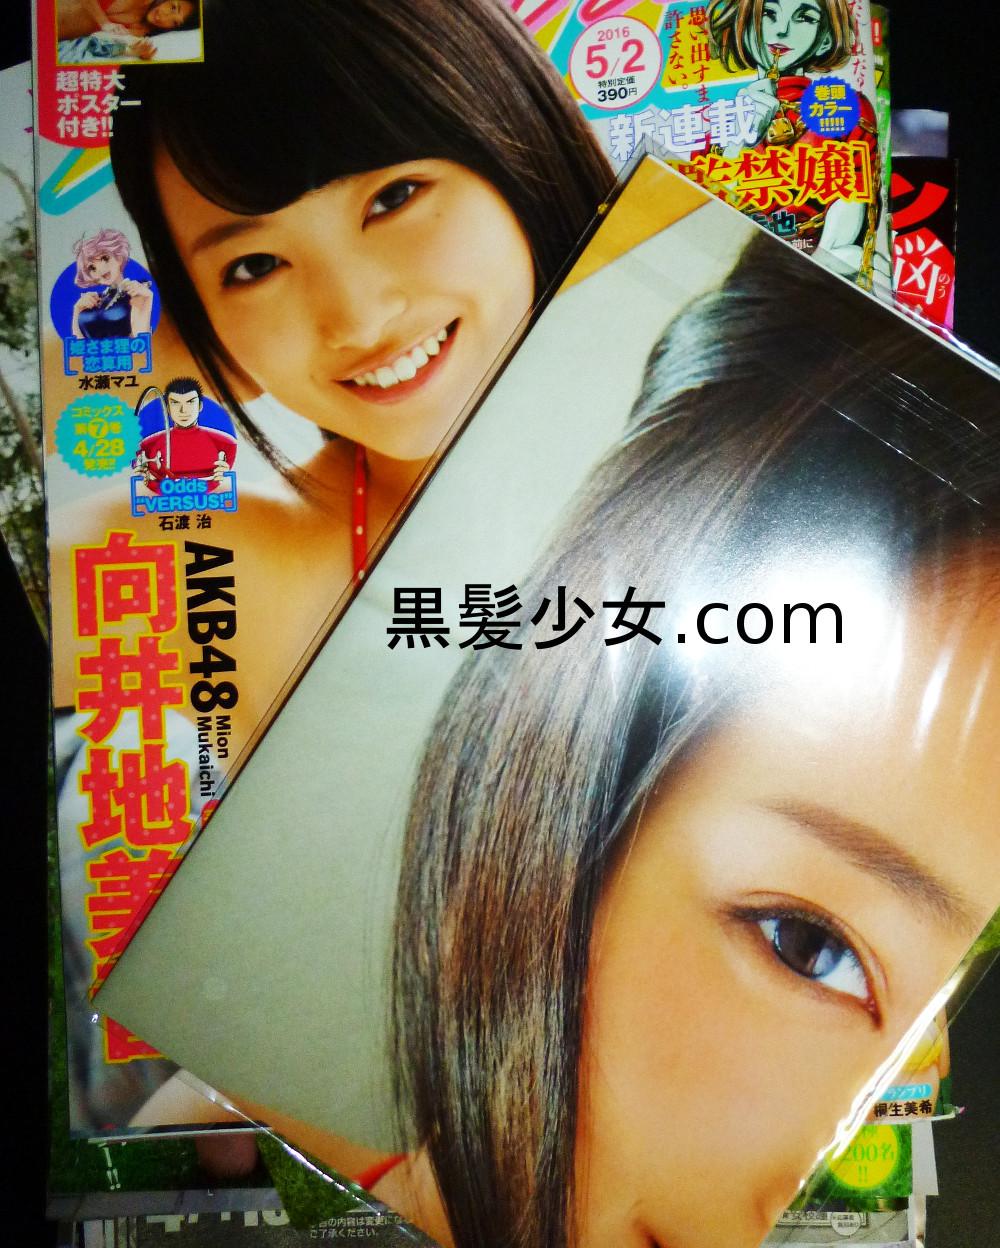 向井地美音の漫画アクションを買う 表紙&水着ポスター 2016年5 2号 (1)